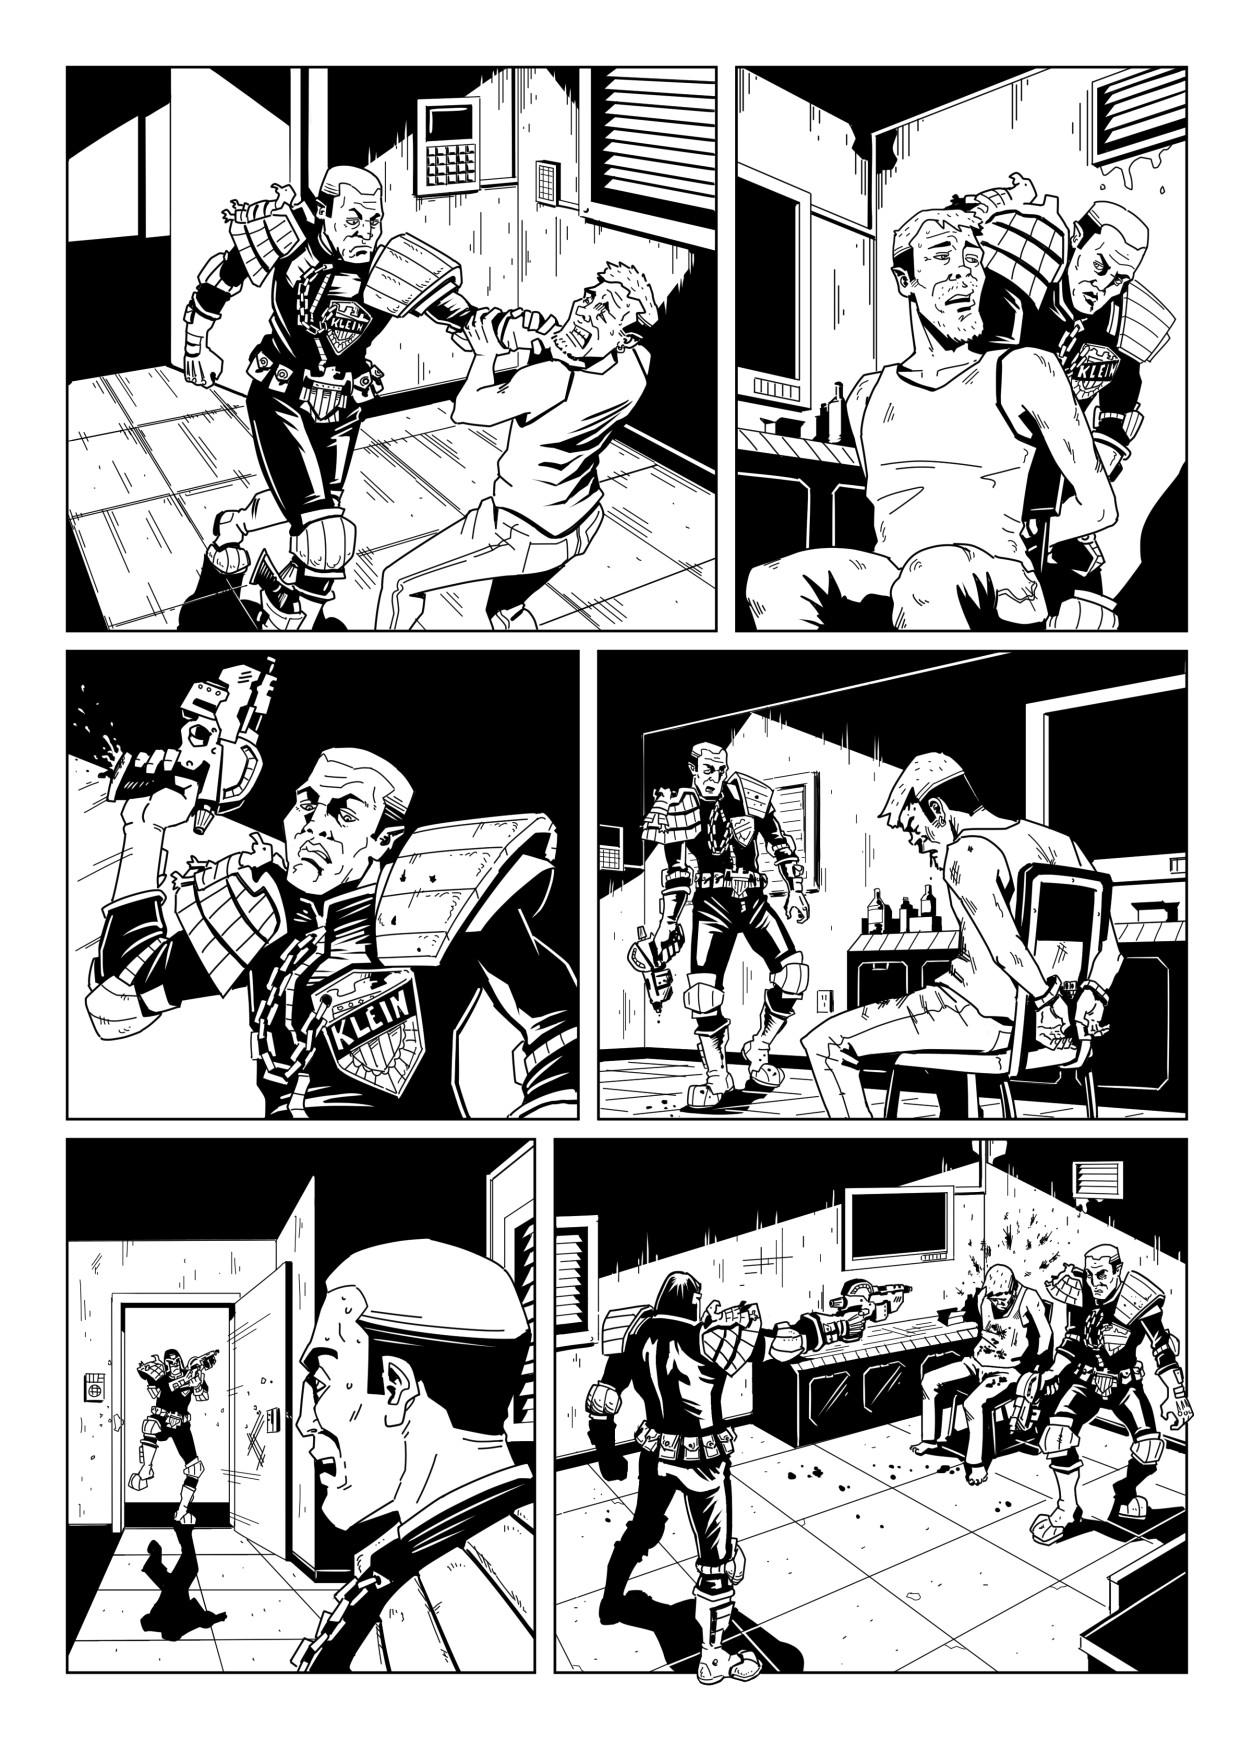 John ciarfuglia a4 page 5 no lett